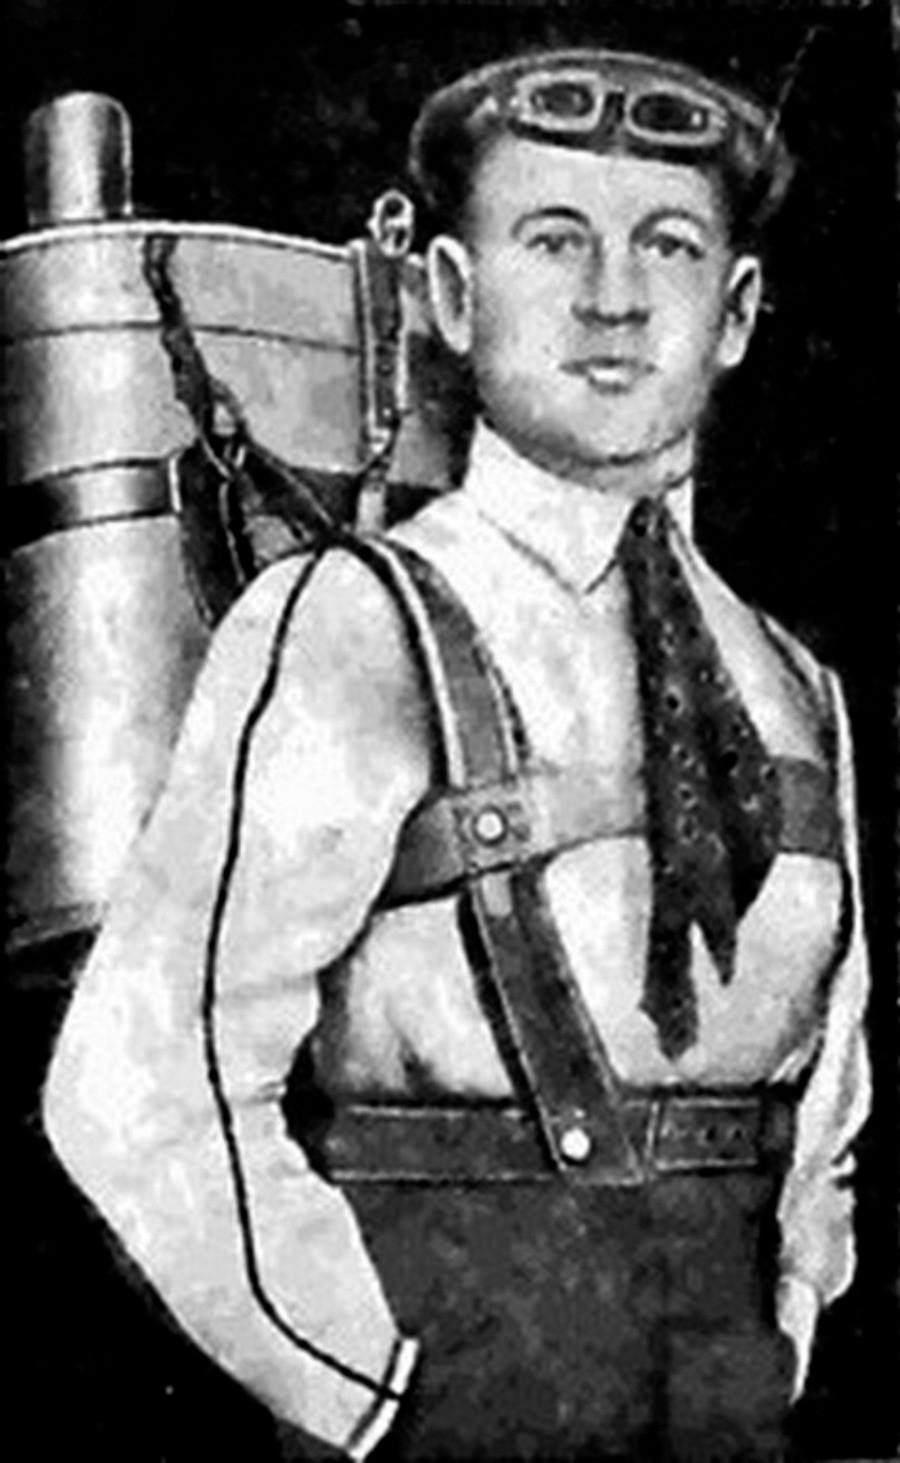 Глеб Котељников са падобраном на леђима.